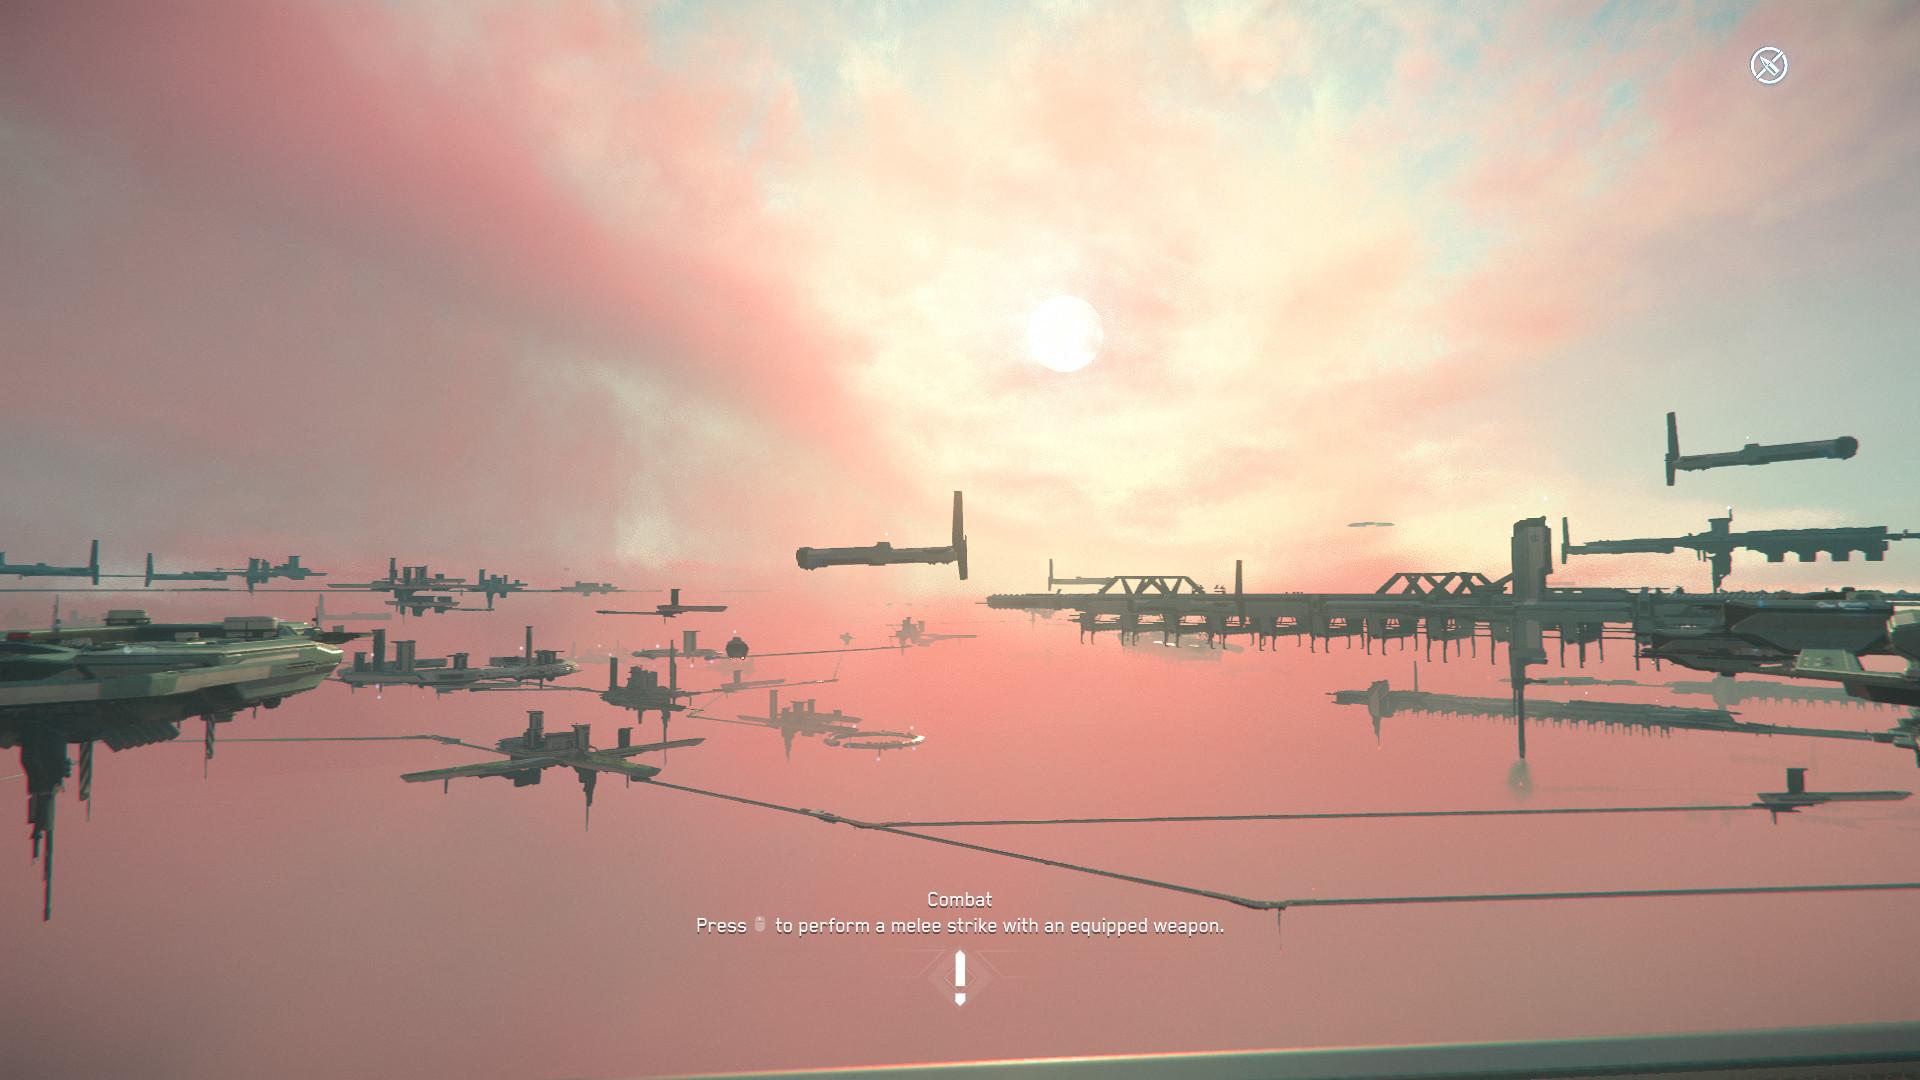 screenshot-2021-07-11qejtn.jpg